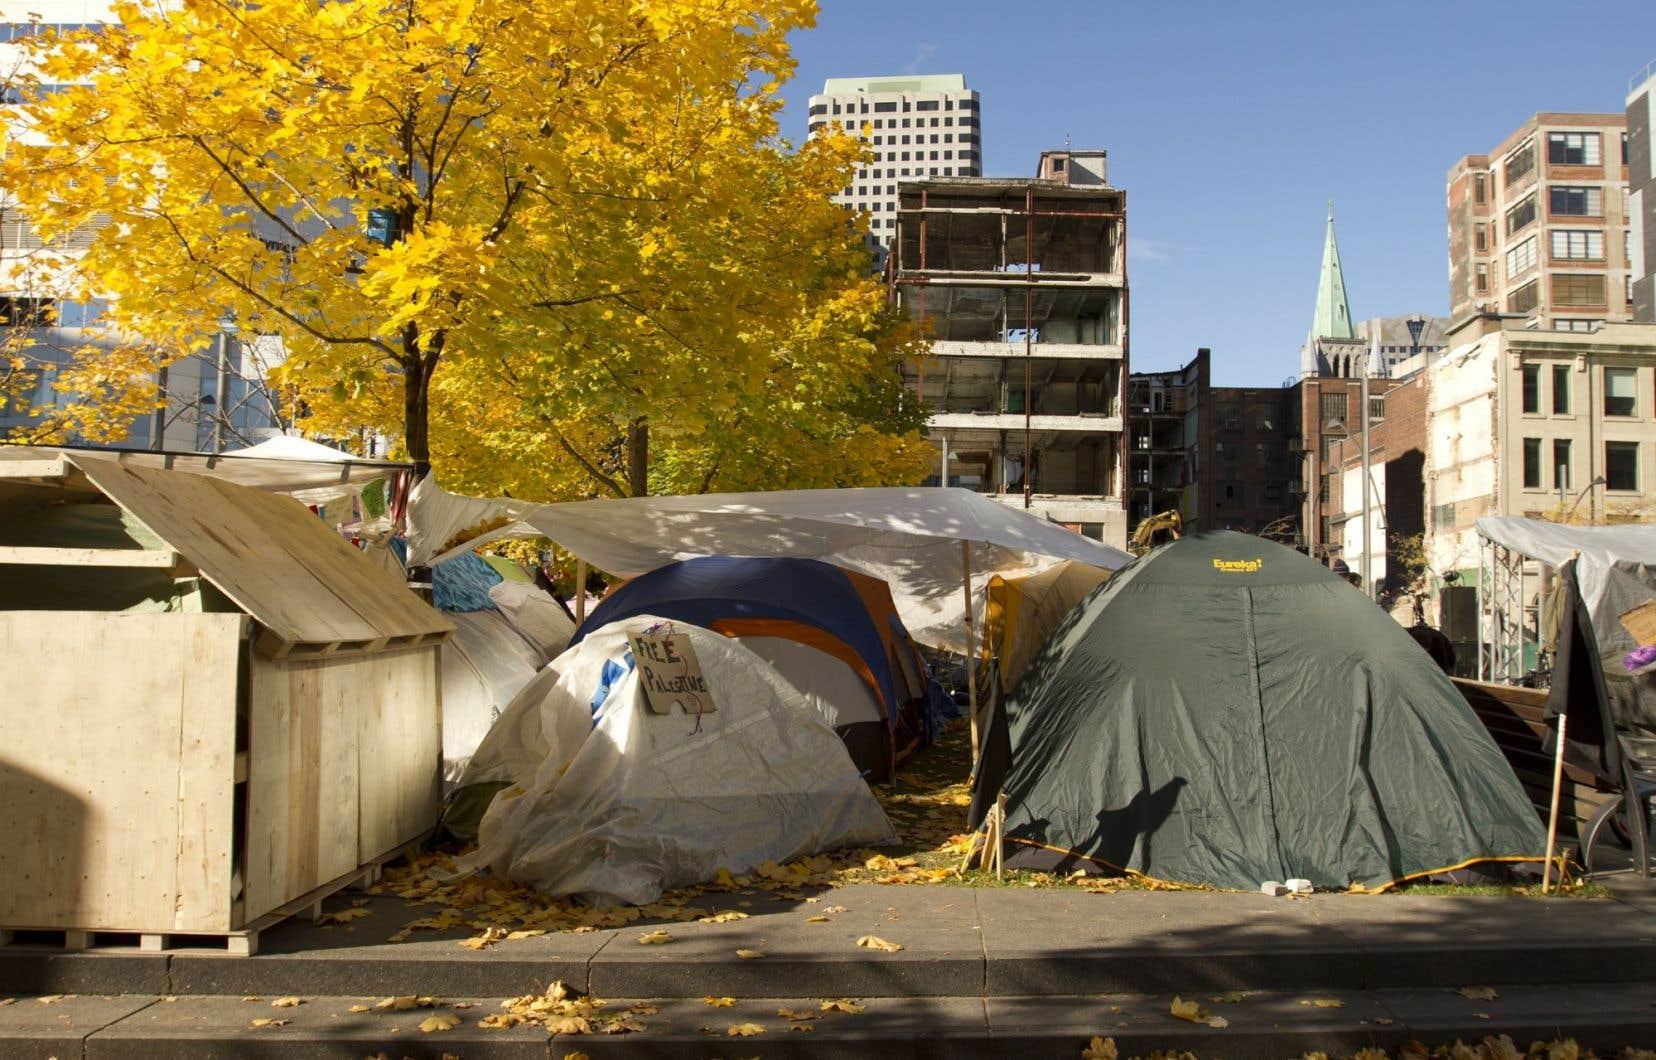 Un camp similaire avait été installé il y a quelques années, Occupons Montréal, au Square Victoria.